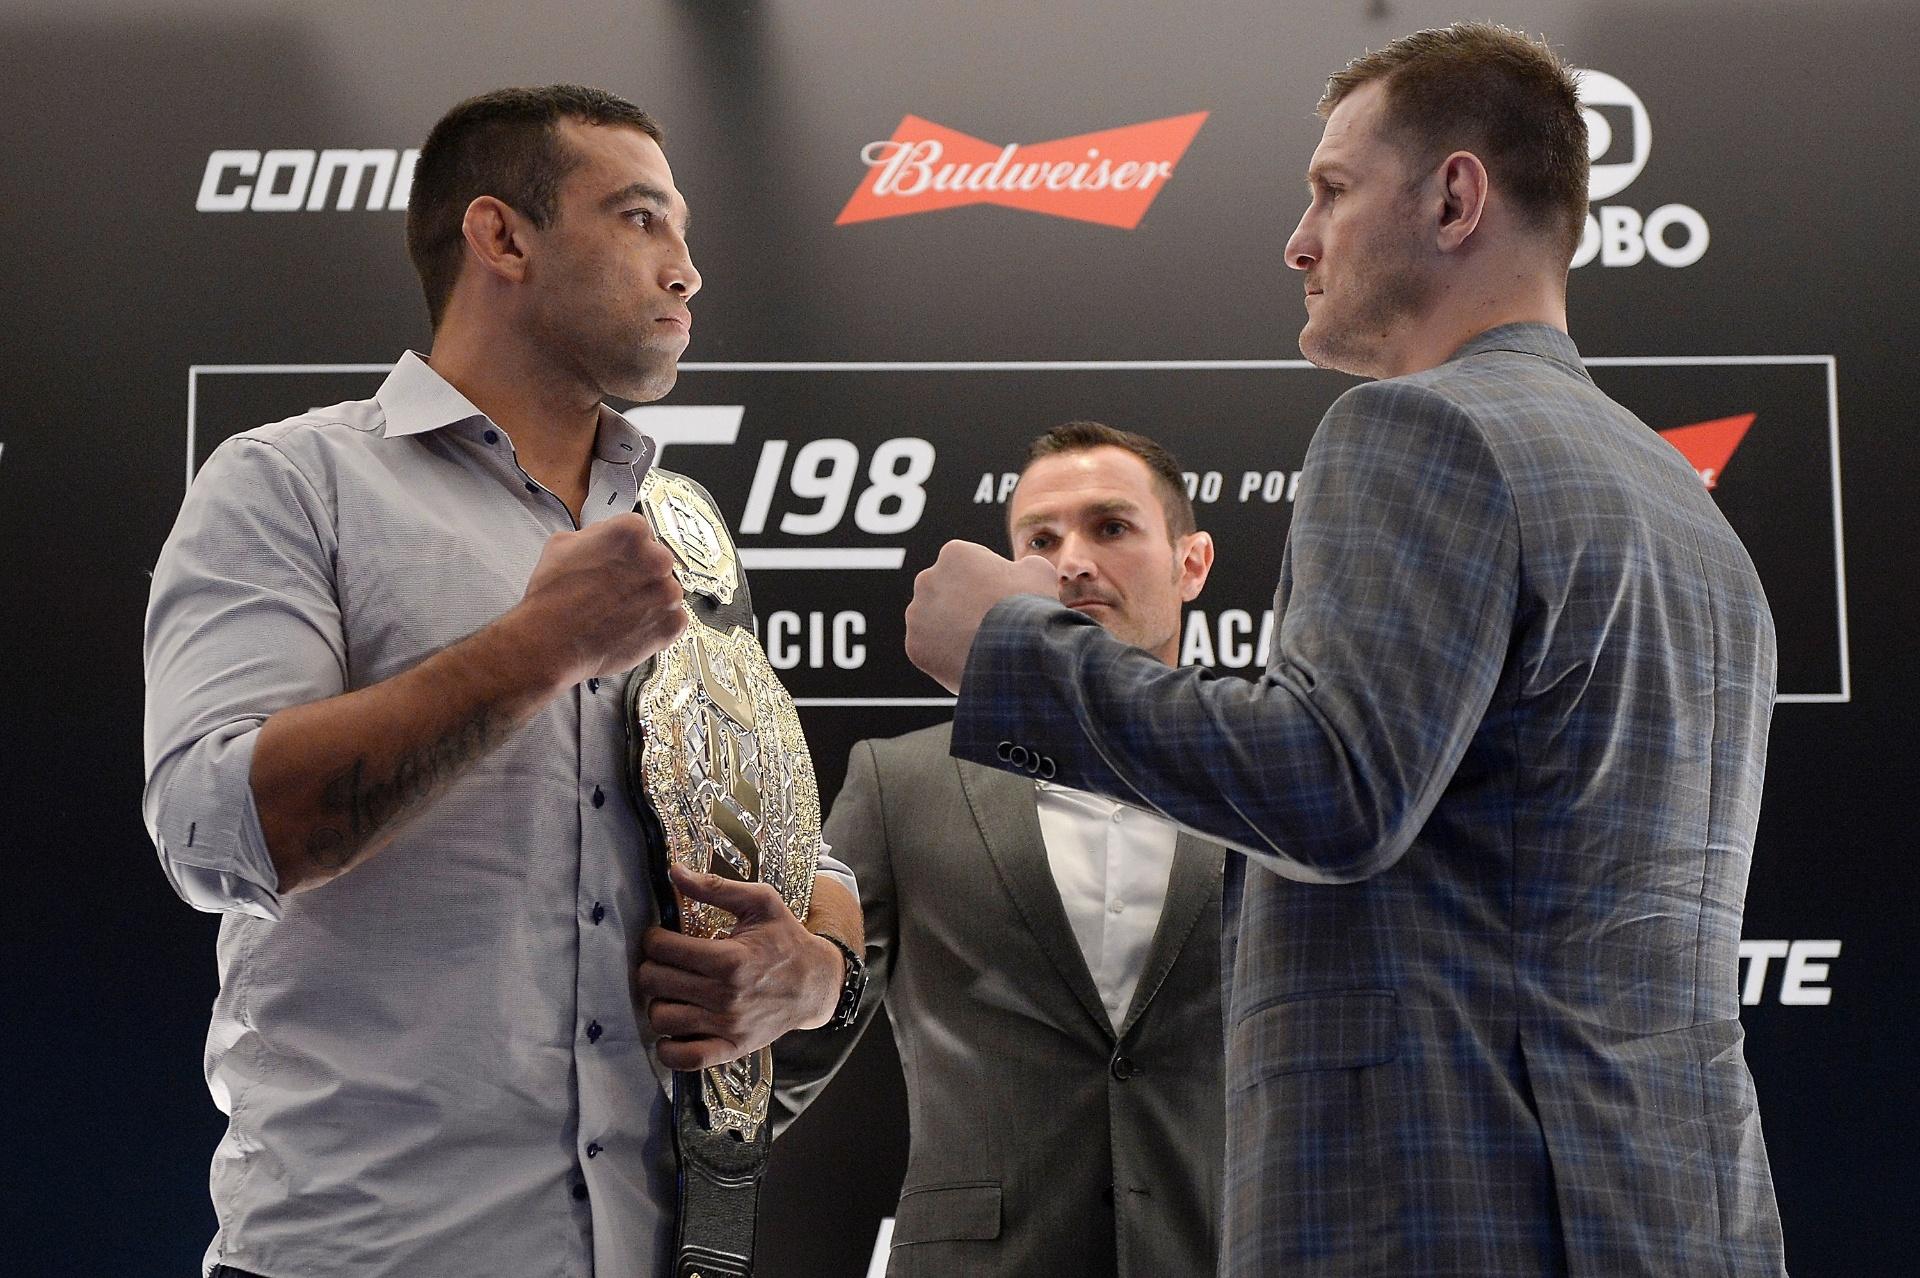 Fabricio Werdum e Stipe Miocic posam para fotos durante evento de divulgação do UFC 198. Lutadores se enfrentarão pelo cinturão dos pesados